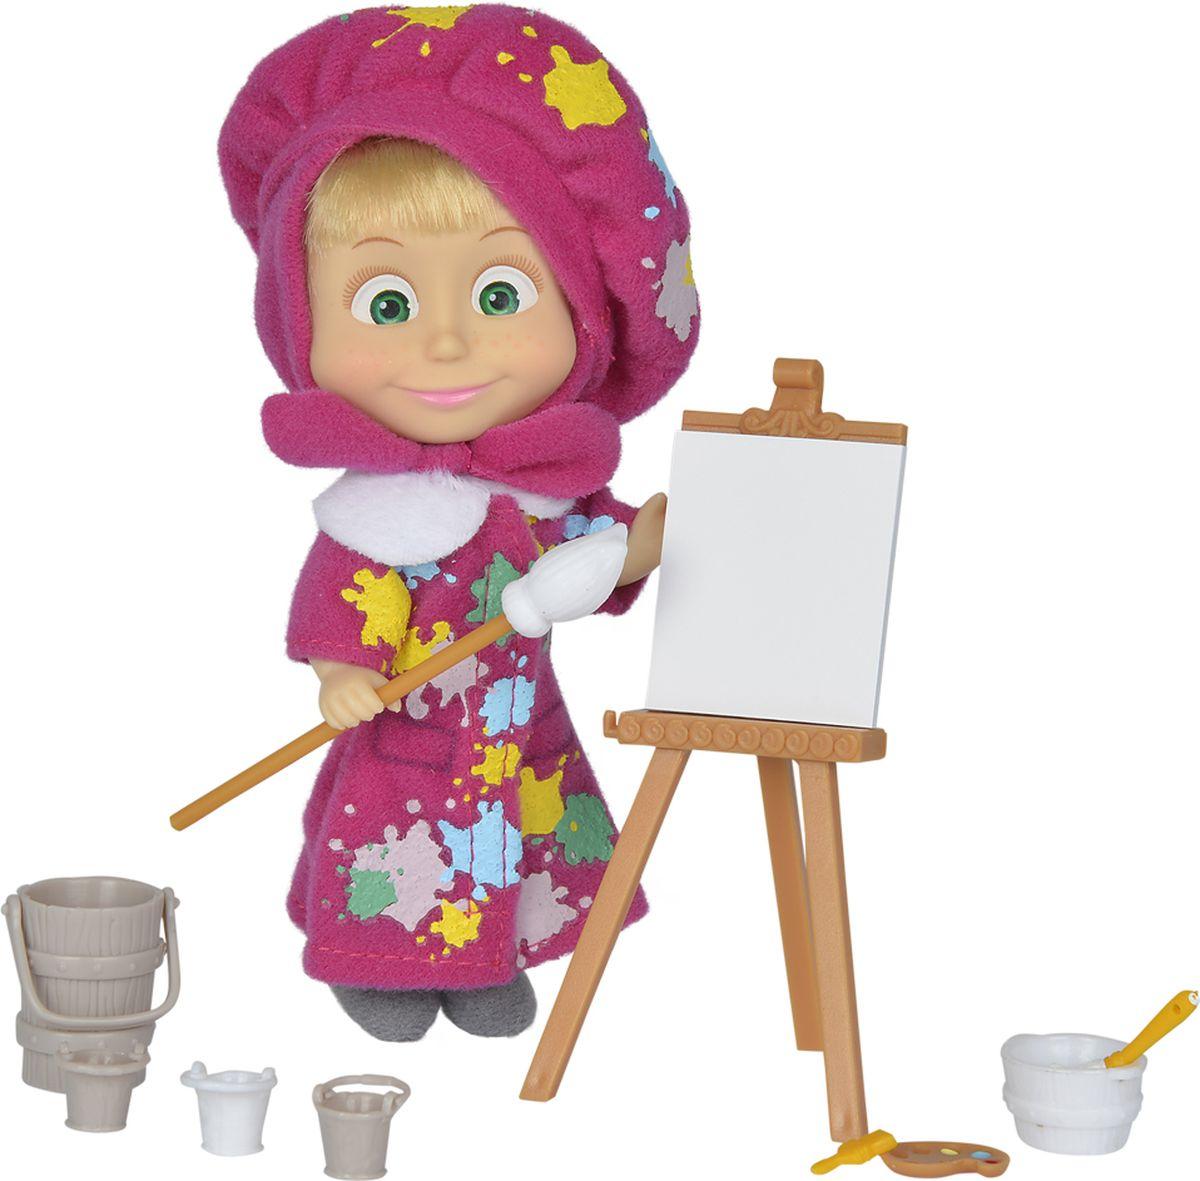 Simba Игровой набор Маша-художница9302047, 109302047029Игровой набор Simba Маша-художница порадует любую девочку и надолго увлечет ее. В комплект входит мини-куколка Маша и набор художественных принадлежностей для создания красивой картины. Маша в бордовом пальто, платочке и берете. На ножках у куколки текстильные сапожки. Ребенок сможет придумать интересный сюжет о том, как Маша так упорно рисовала свою картинку, что даже ее яркий костюм оказался заляпан красками, но девочка все равно останется довольна результатом, ведь на ее личике сияет добрая и веселая улыбка. Руки, ноги и голова куклы подвижны, благодаря чему ей можно придавать разнообразные позы. Игры с куклой способствуют эмоциональному развитию, помогают формировать воображение и художественный вкус, а также разовьют в вашей малышке чувство ответственности и заботы. Великолепное качество исполнения делают эту куколку чудесным подарком к любому празднику.